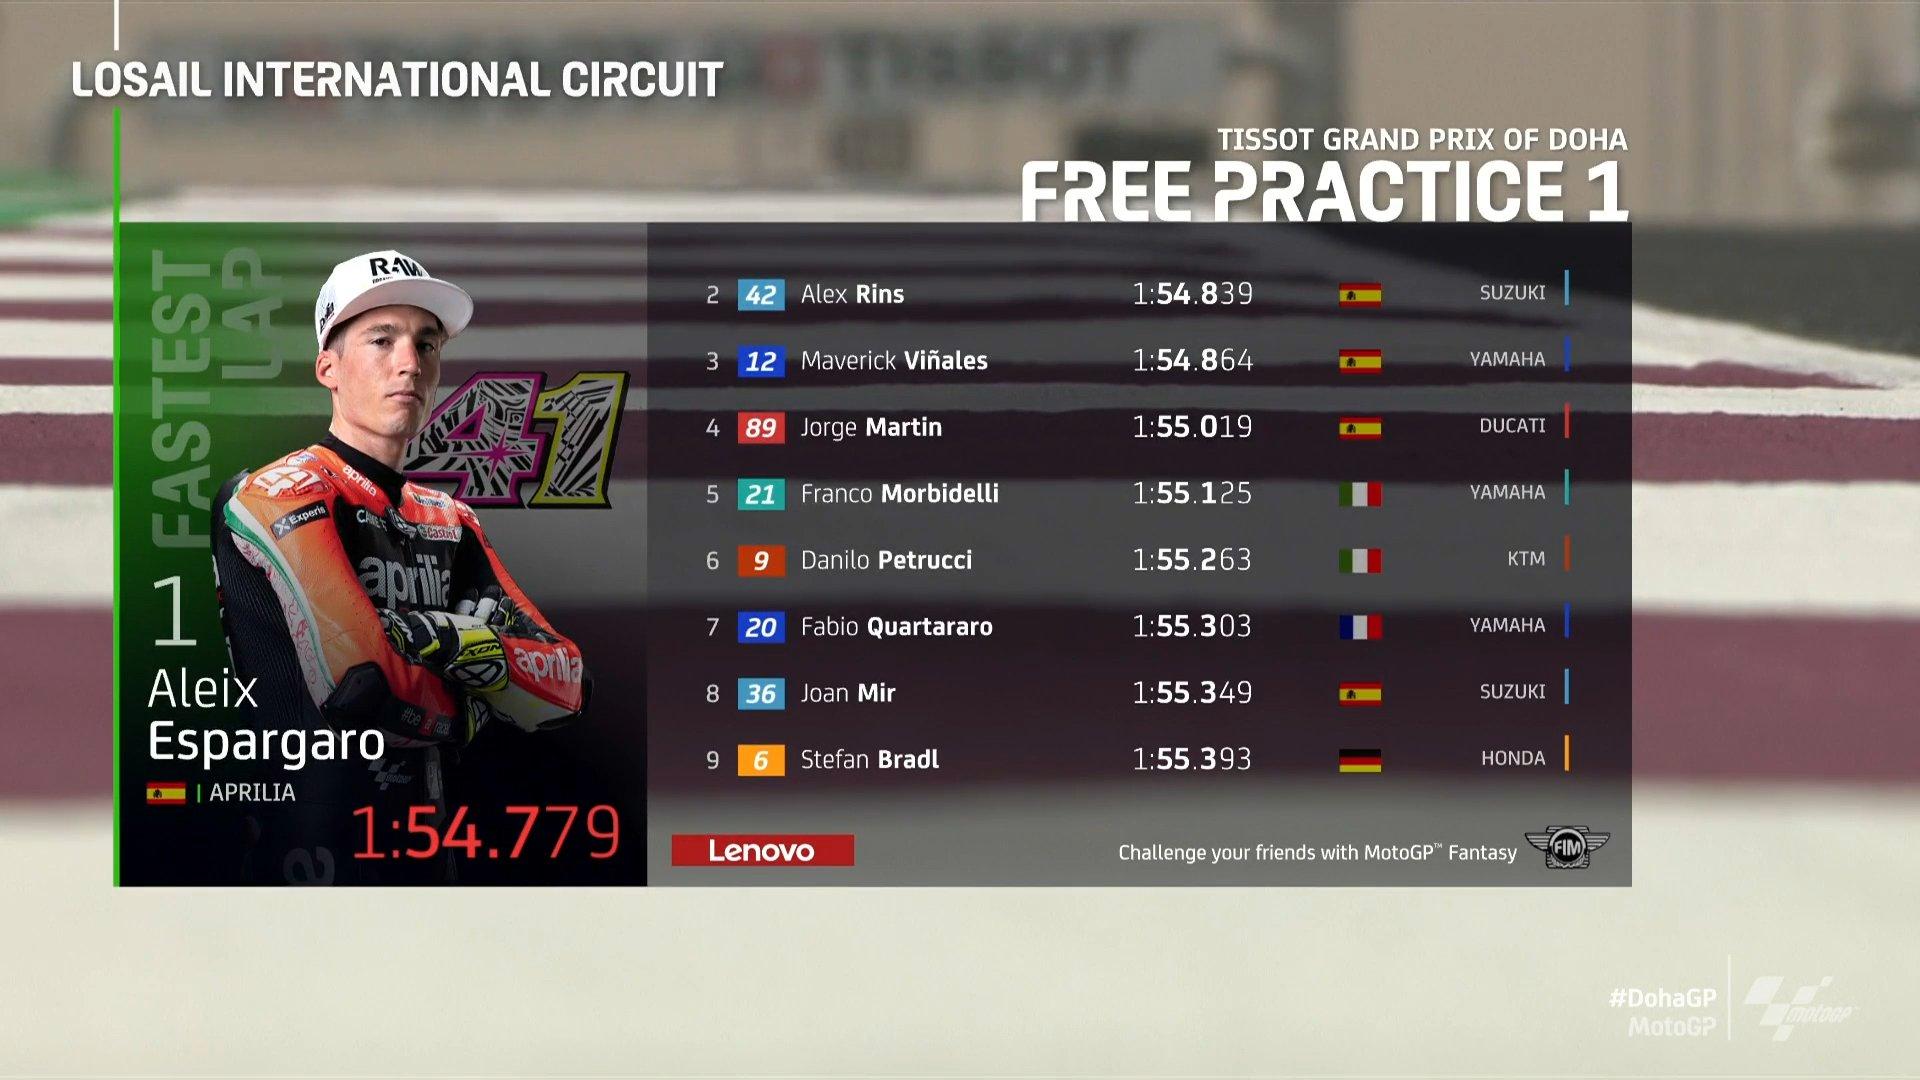 Hasil FP1 MotoGP Doha